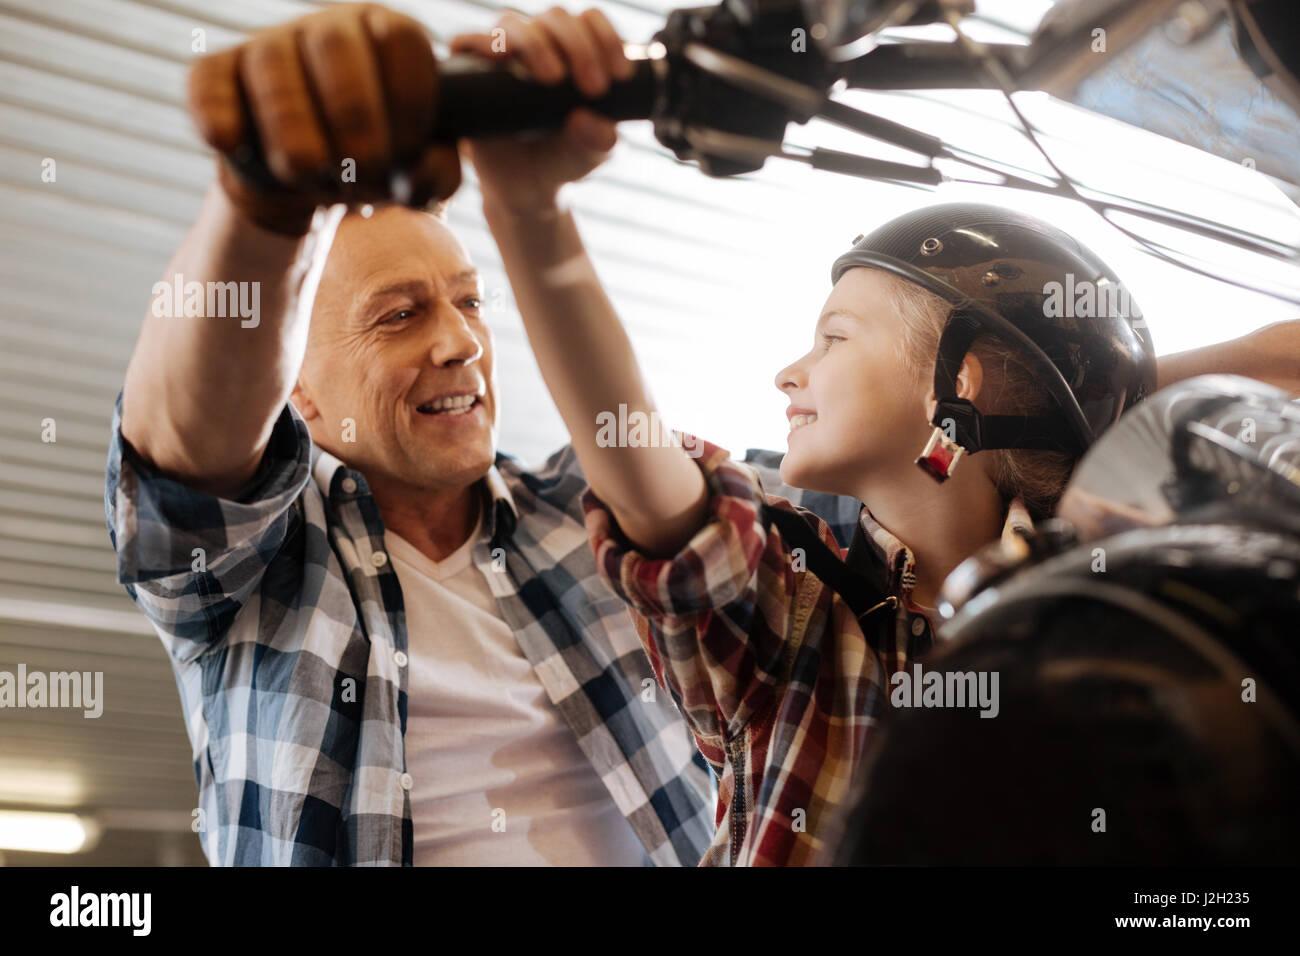 Inventiva sincera familia disfrutando de su tiempo en el garaje Imagen De Stock